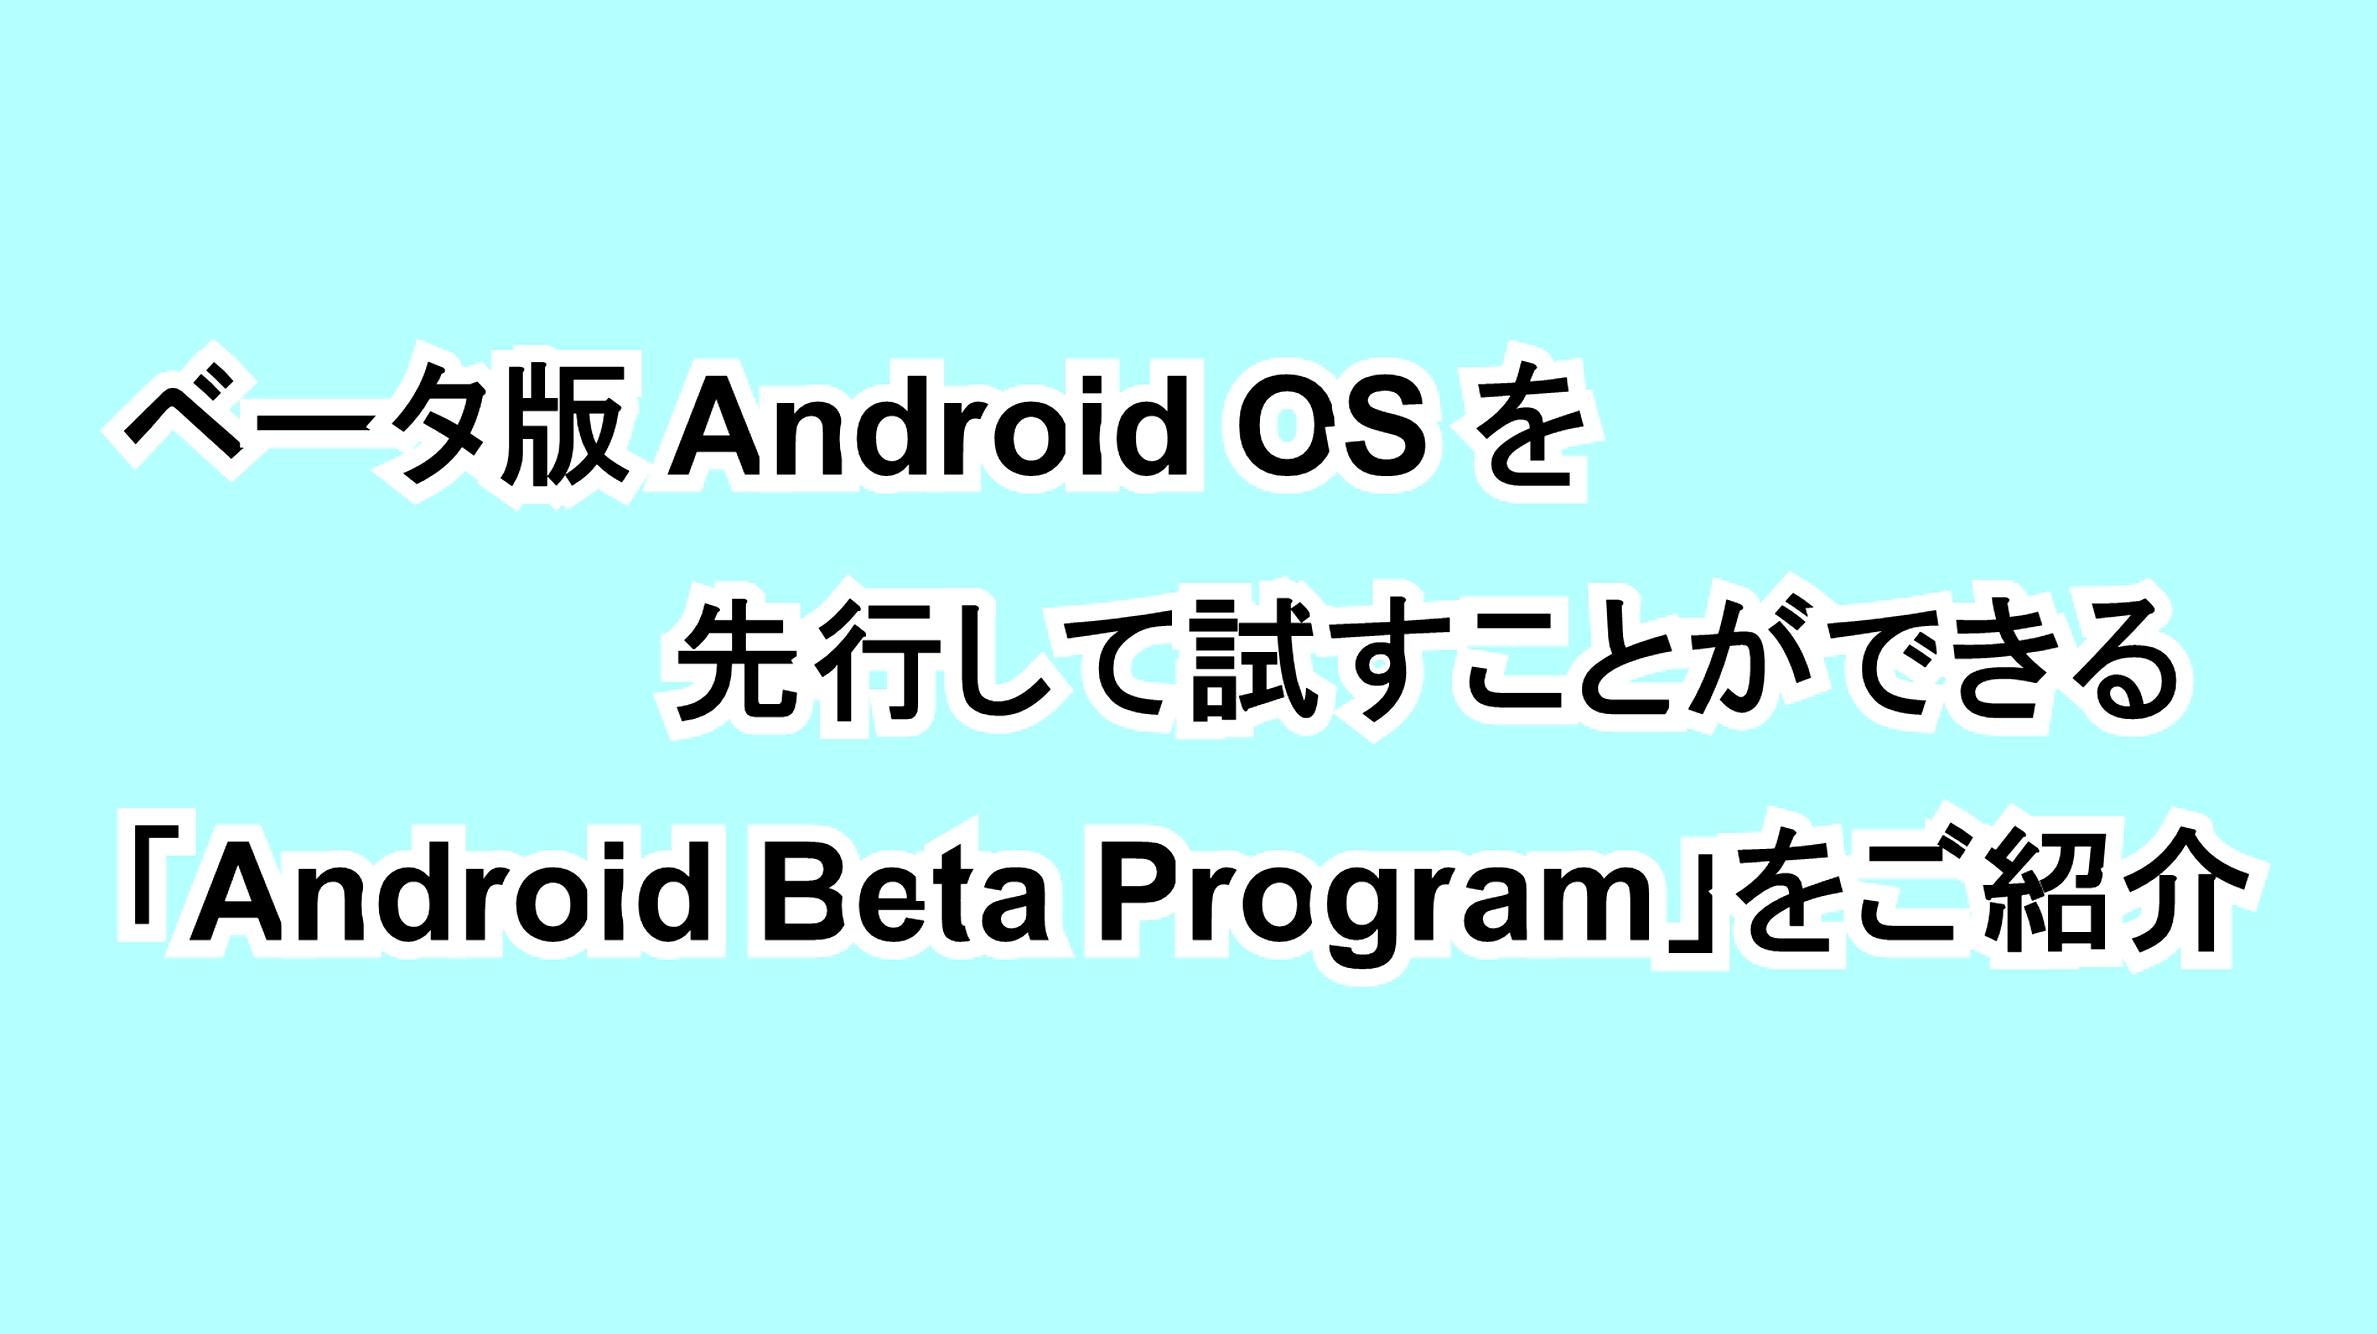 ベータ版Android OSを先行して試すことができる「Android Beta Program」をご紹介